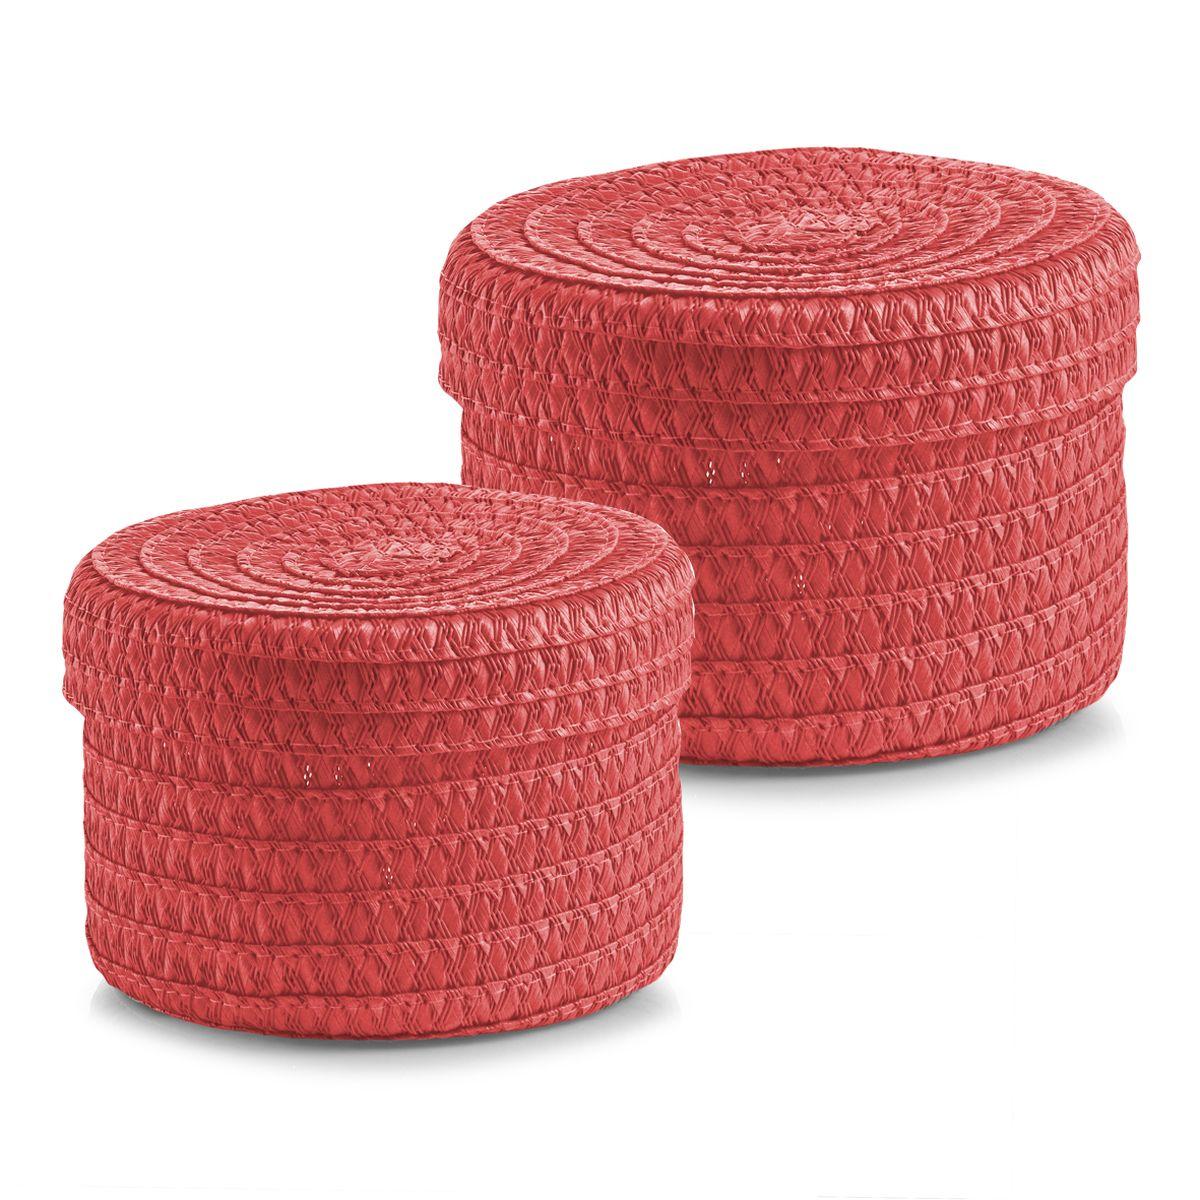 Набор корзин Zeller с крышками, цвет: коралловый, 2 штRG-D31SНабор Zeller состоит из двух корзин разного размера. Корзинки изготовлены из текстиля и оснащены крышками. Изделия идеально подходят для упаковки подарков, цветочных композиций и подарочных наборов, для хранения различных вещей и аксессуаров. Так же они являются прекрасным декоративным элементом интерьера.Такие корзины будут создавать уют и комфорт в вашем доме и станут отличным подарком. Диаметр корзин: 16 см, 17 см. Высота корзин: 10 см, 12 см.